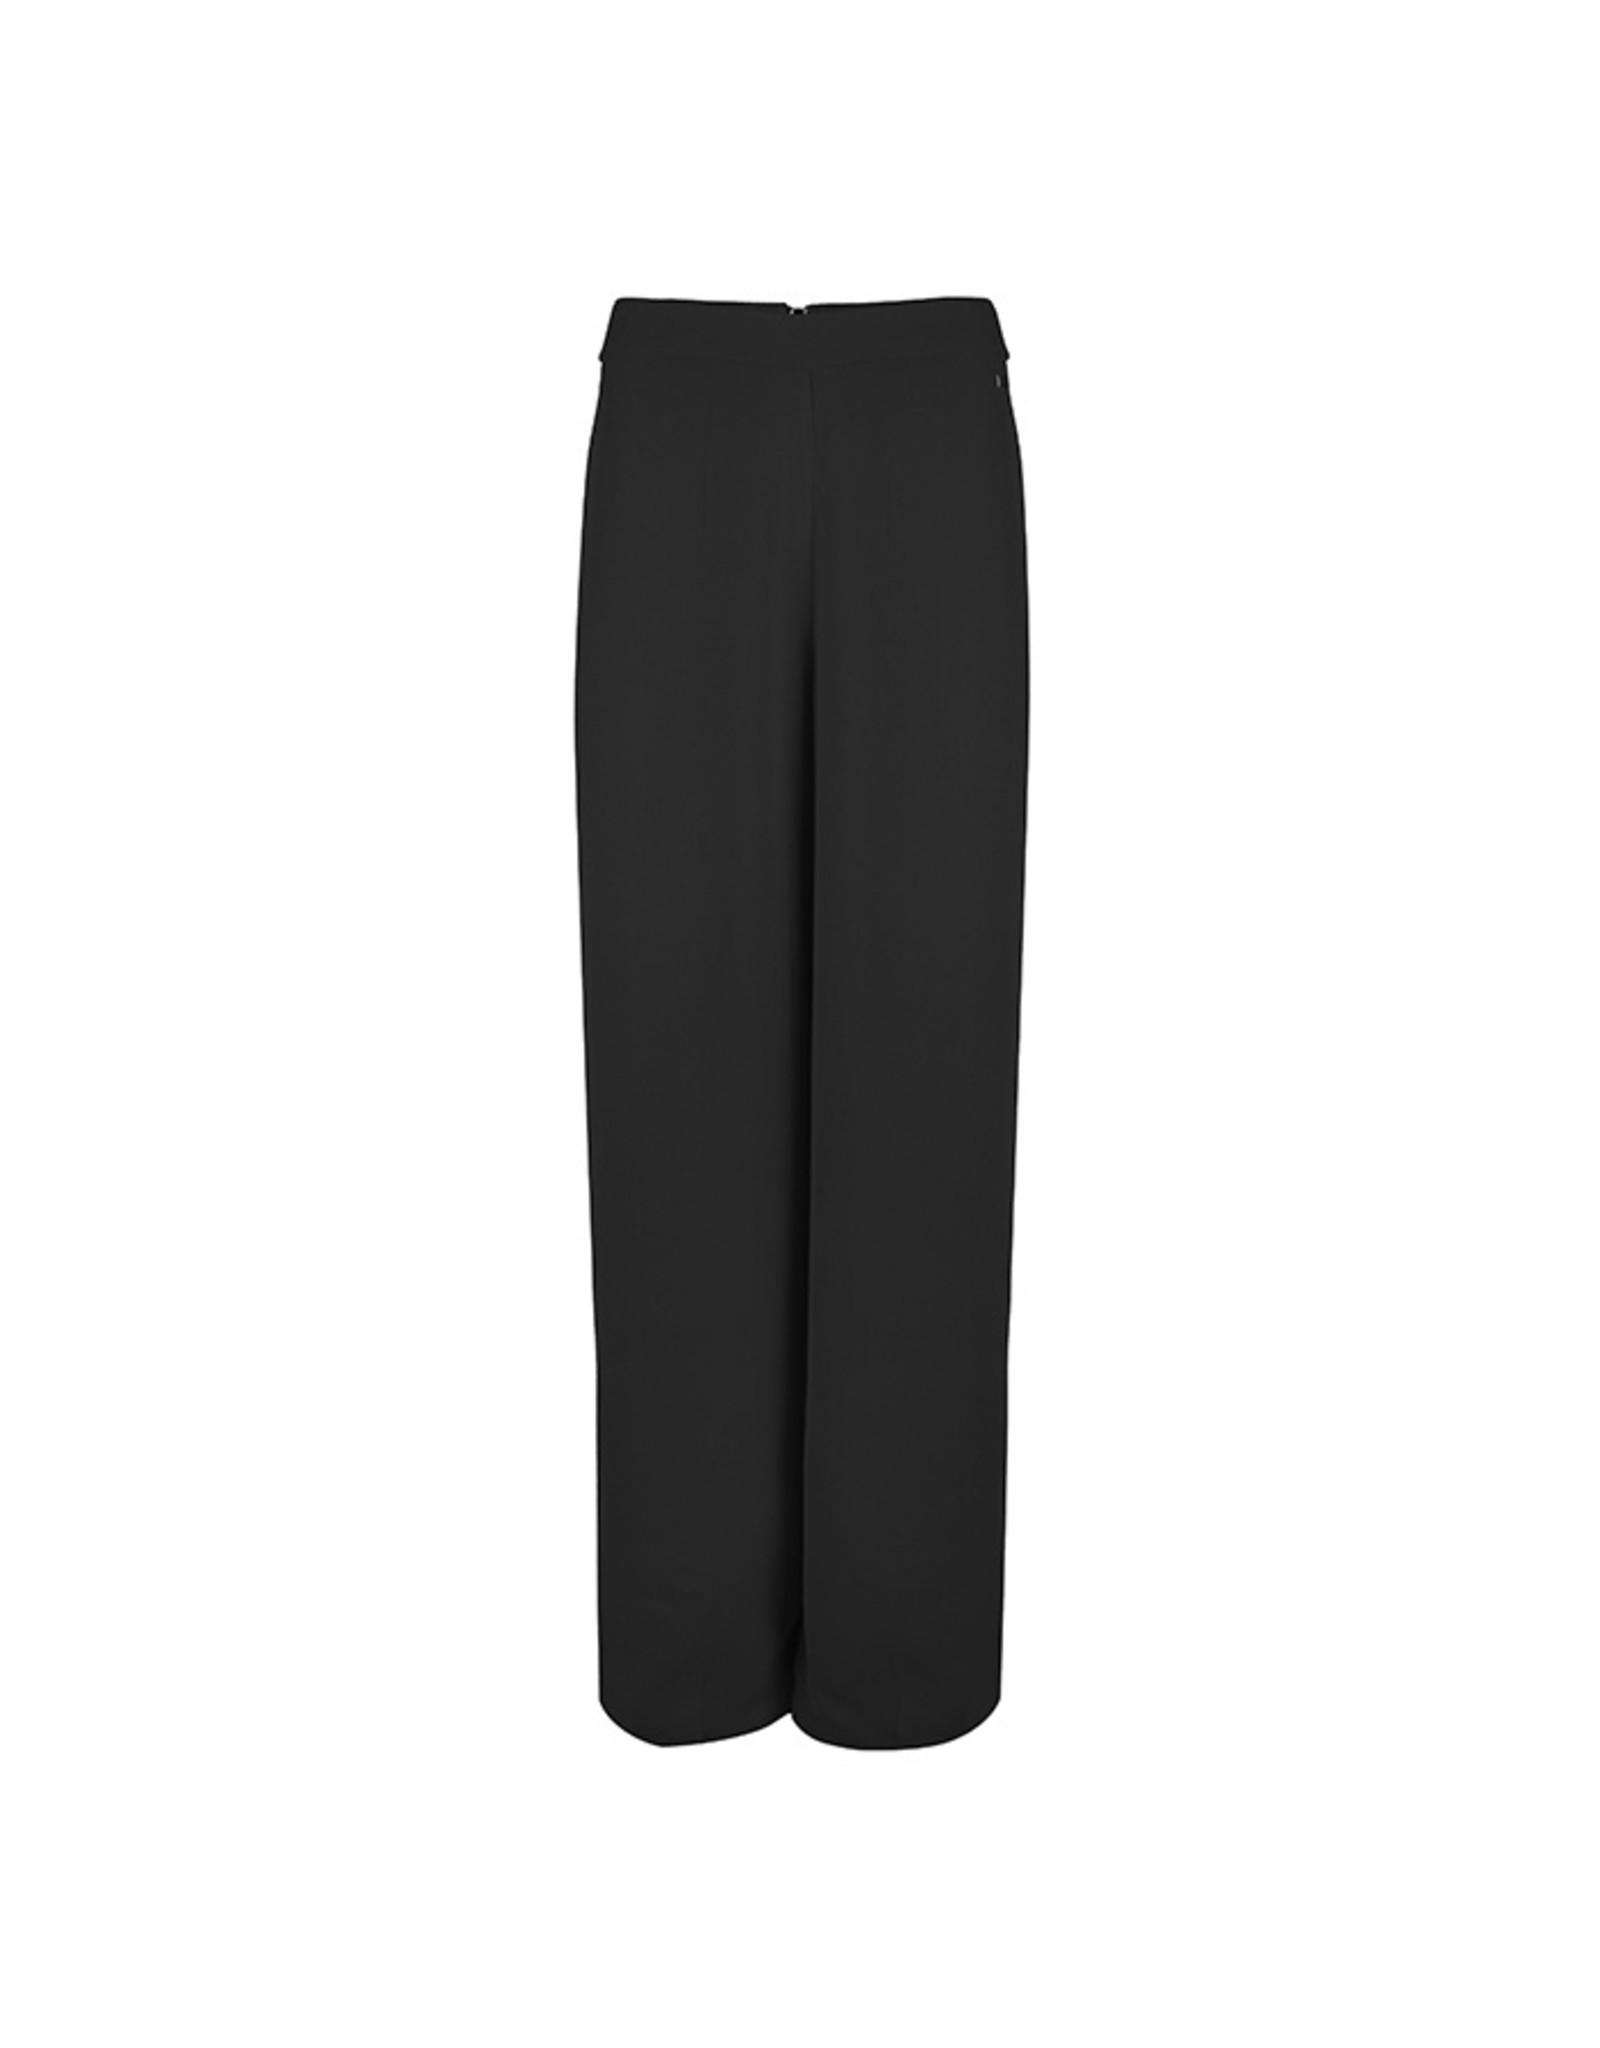 Lofty Manner Trouser Roslyn Black